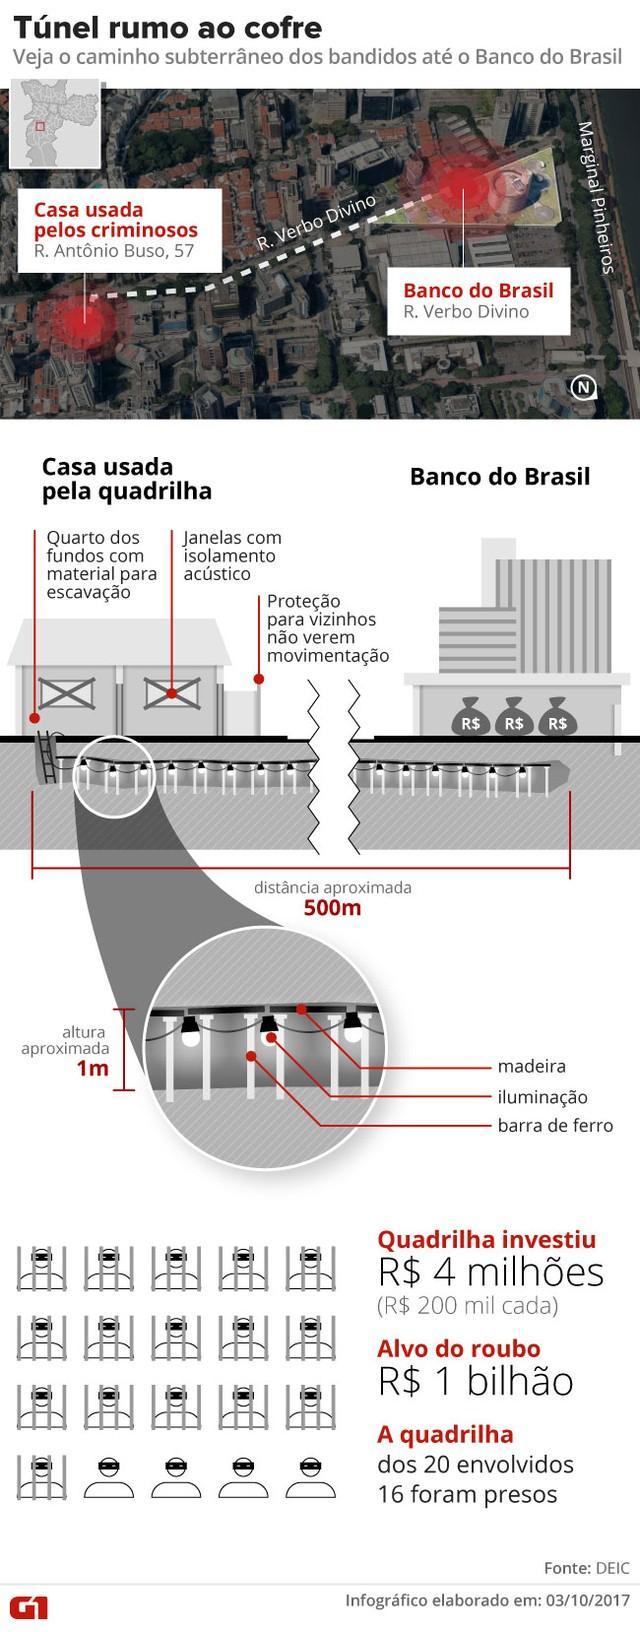 Caminho que seria percorrido pela quadrilha presa em São Paulo (Crédito: G1/TV Globo)